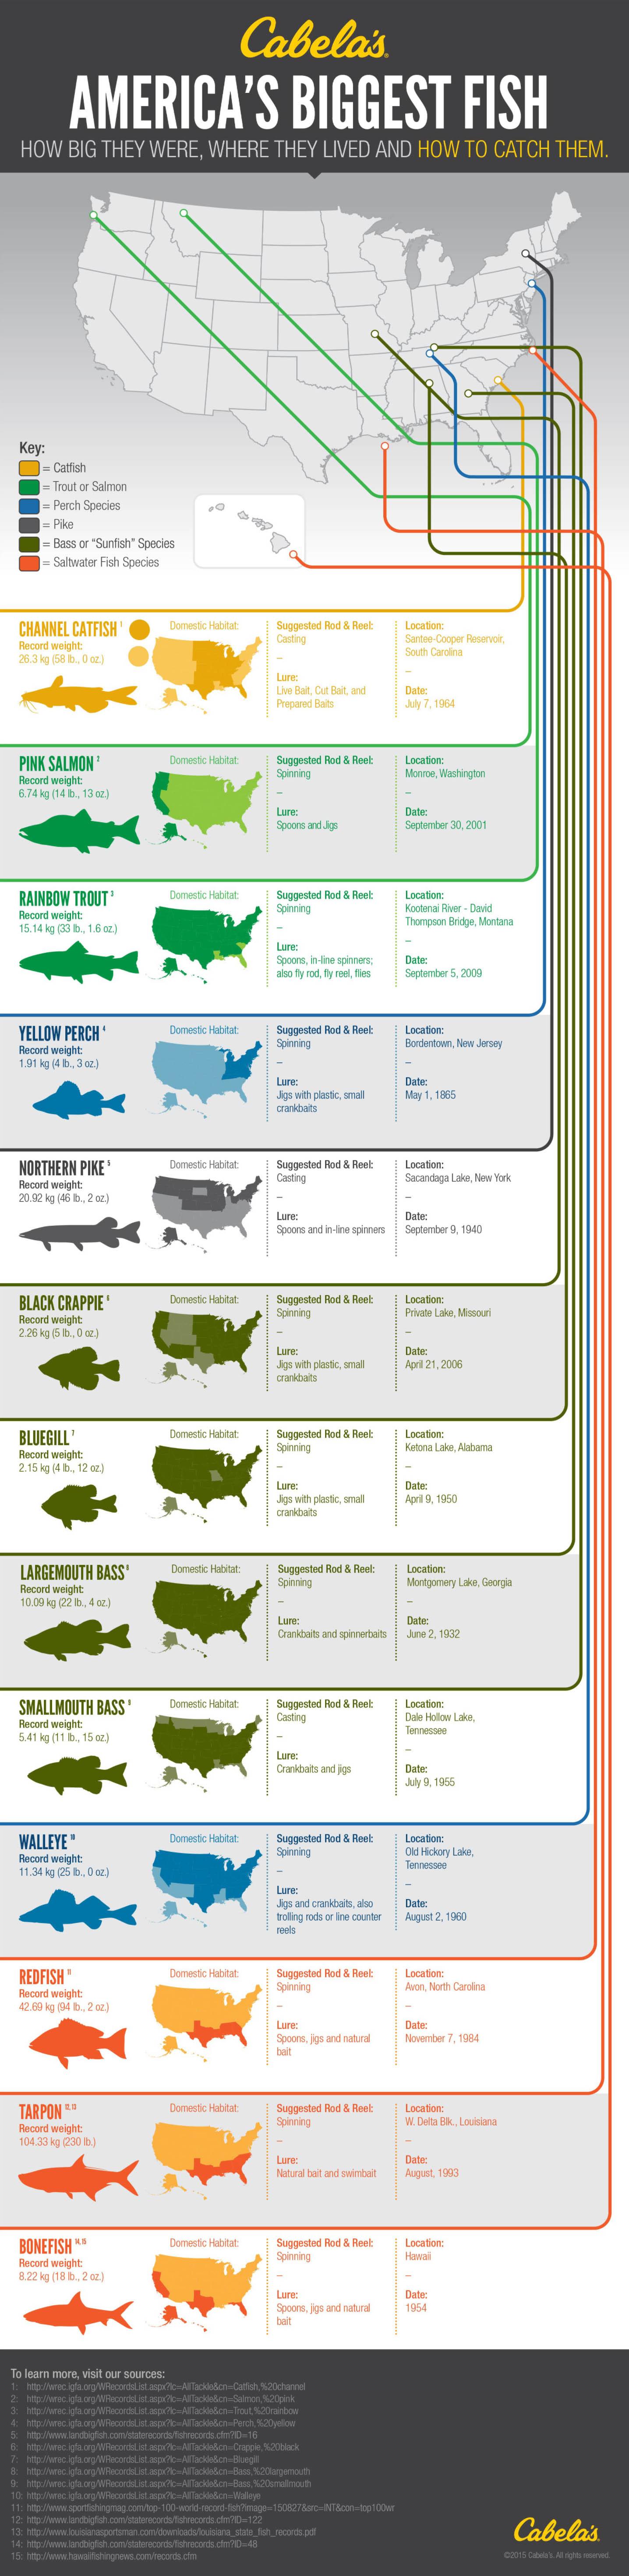 America's Biggest Fish